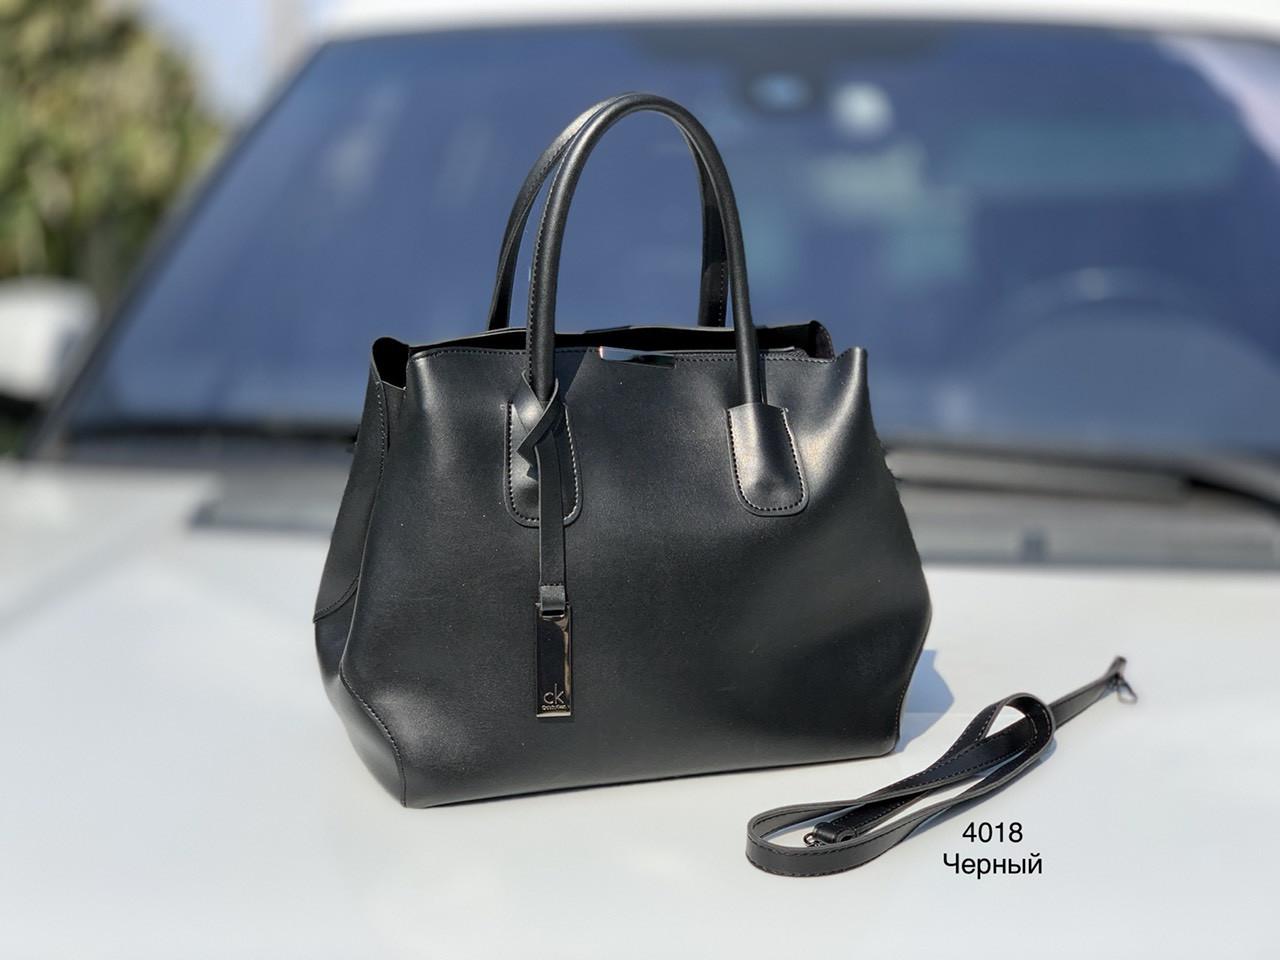 Классическая черная женская сумка на плечо городская сумочка экокожа